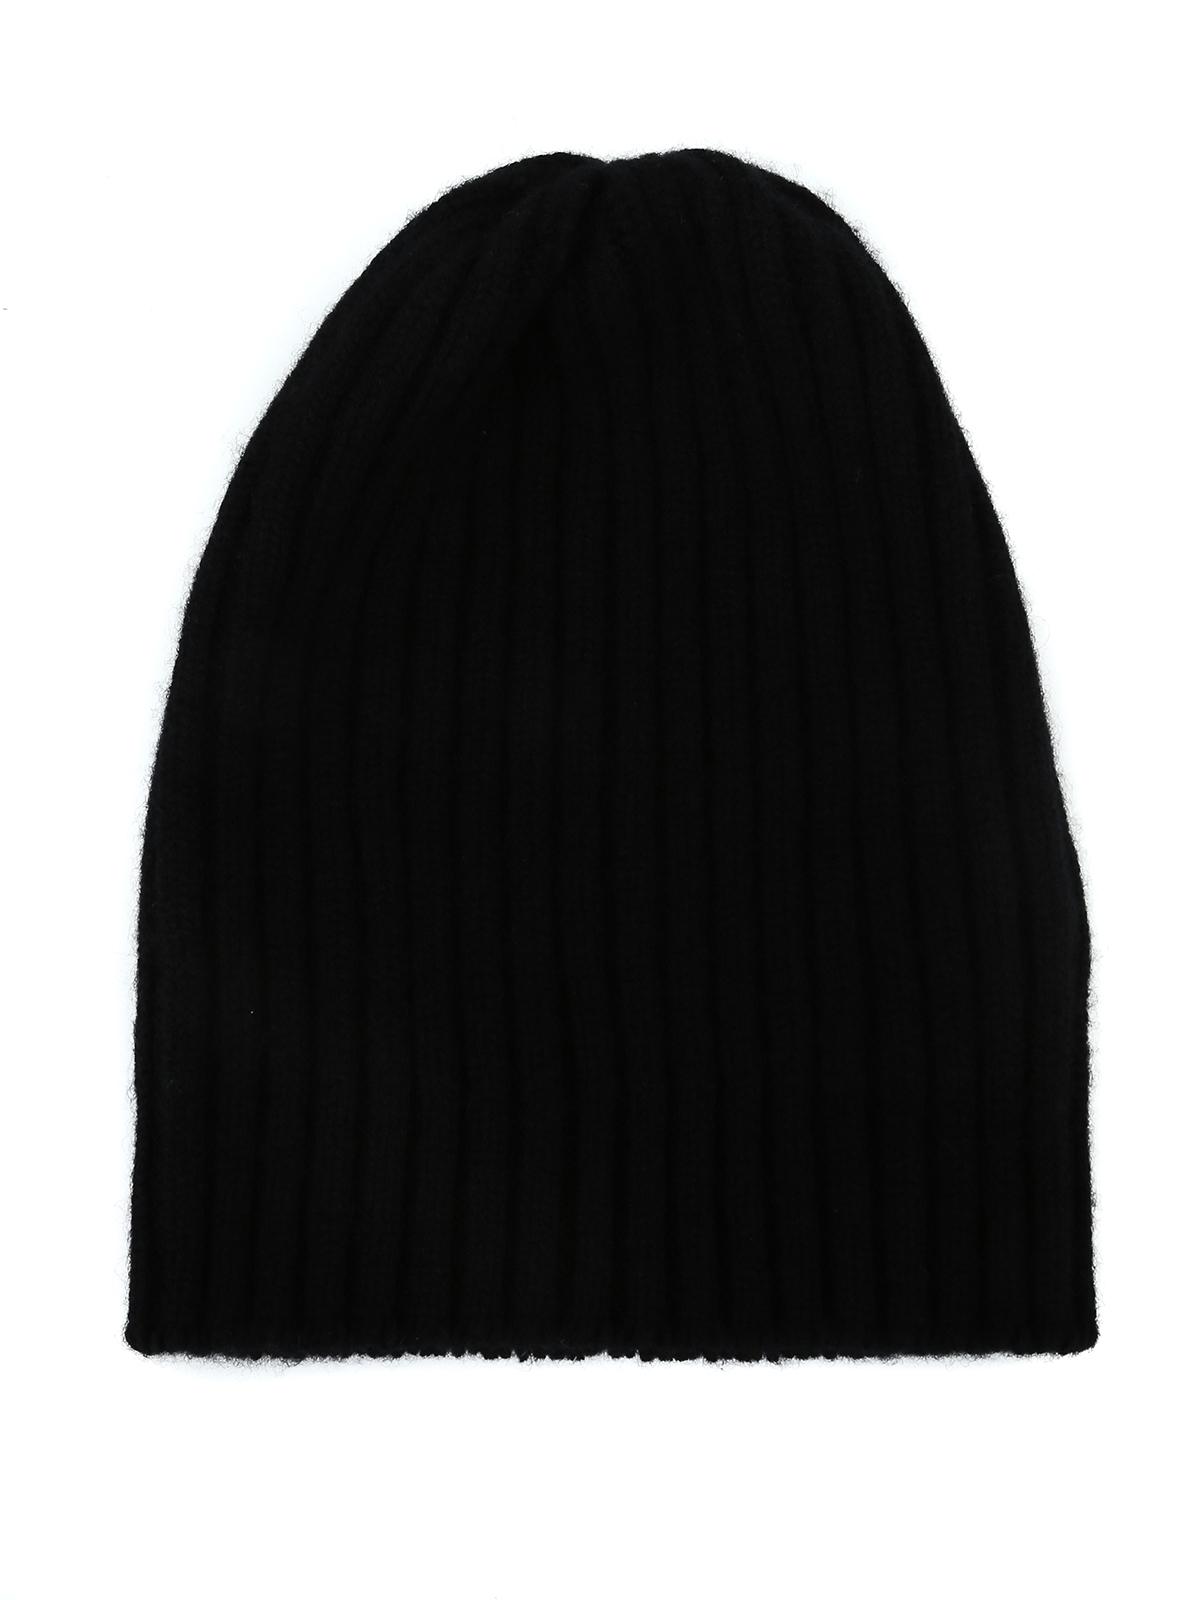 986f1ce464d17 Fedeli - Black rib knitted cashmere beanie - beanies - 1UI0806NERO